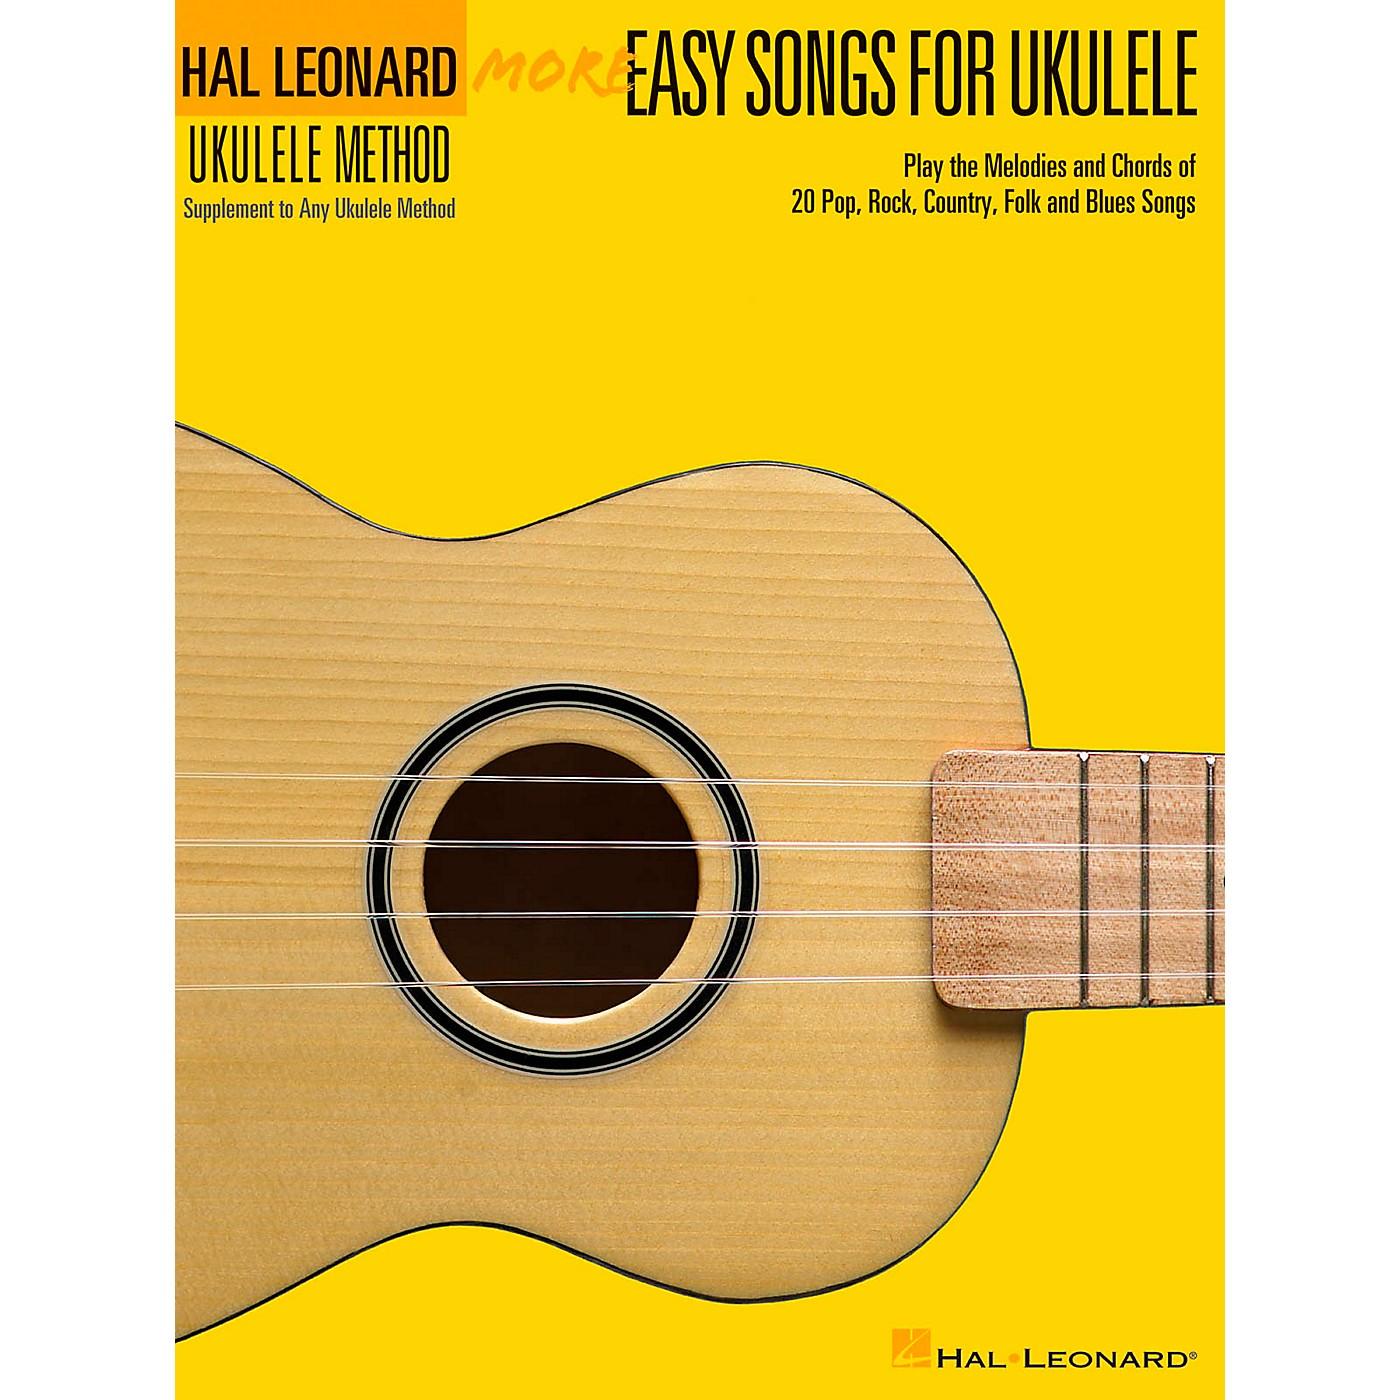 Hal Leonard More Easy Songs For Ukulele thumbnail